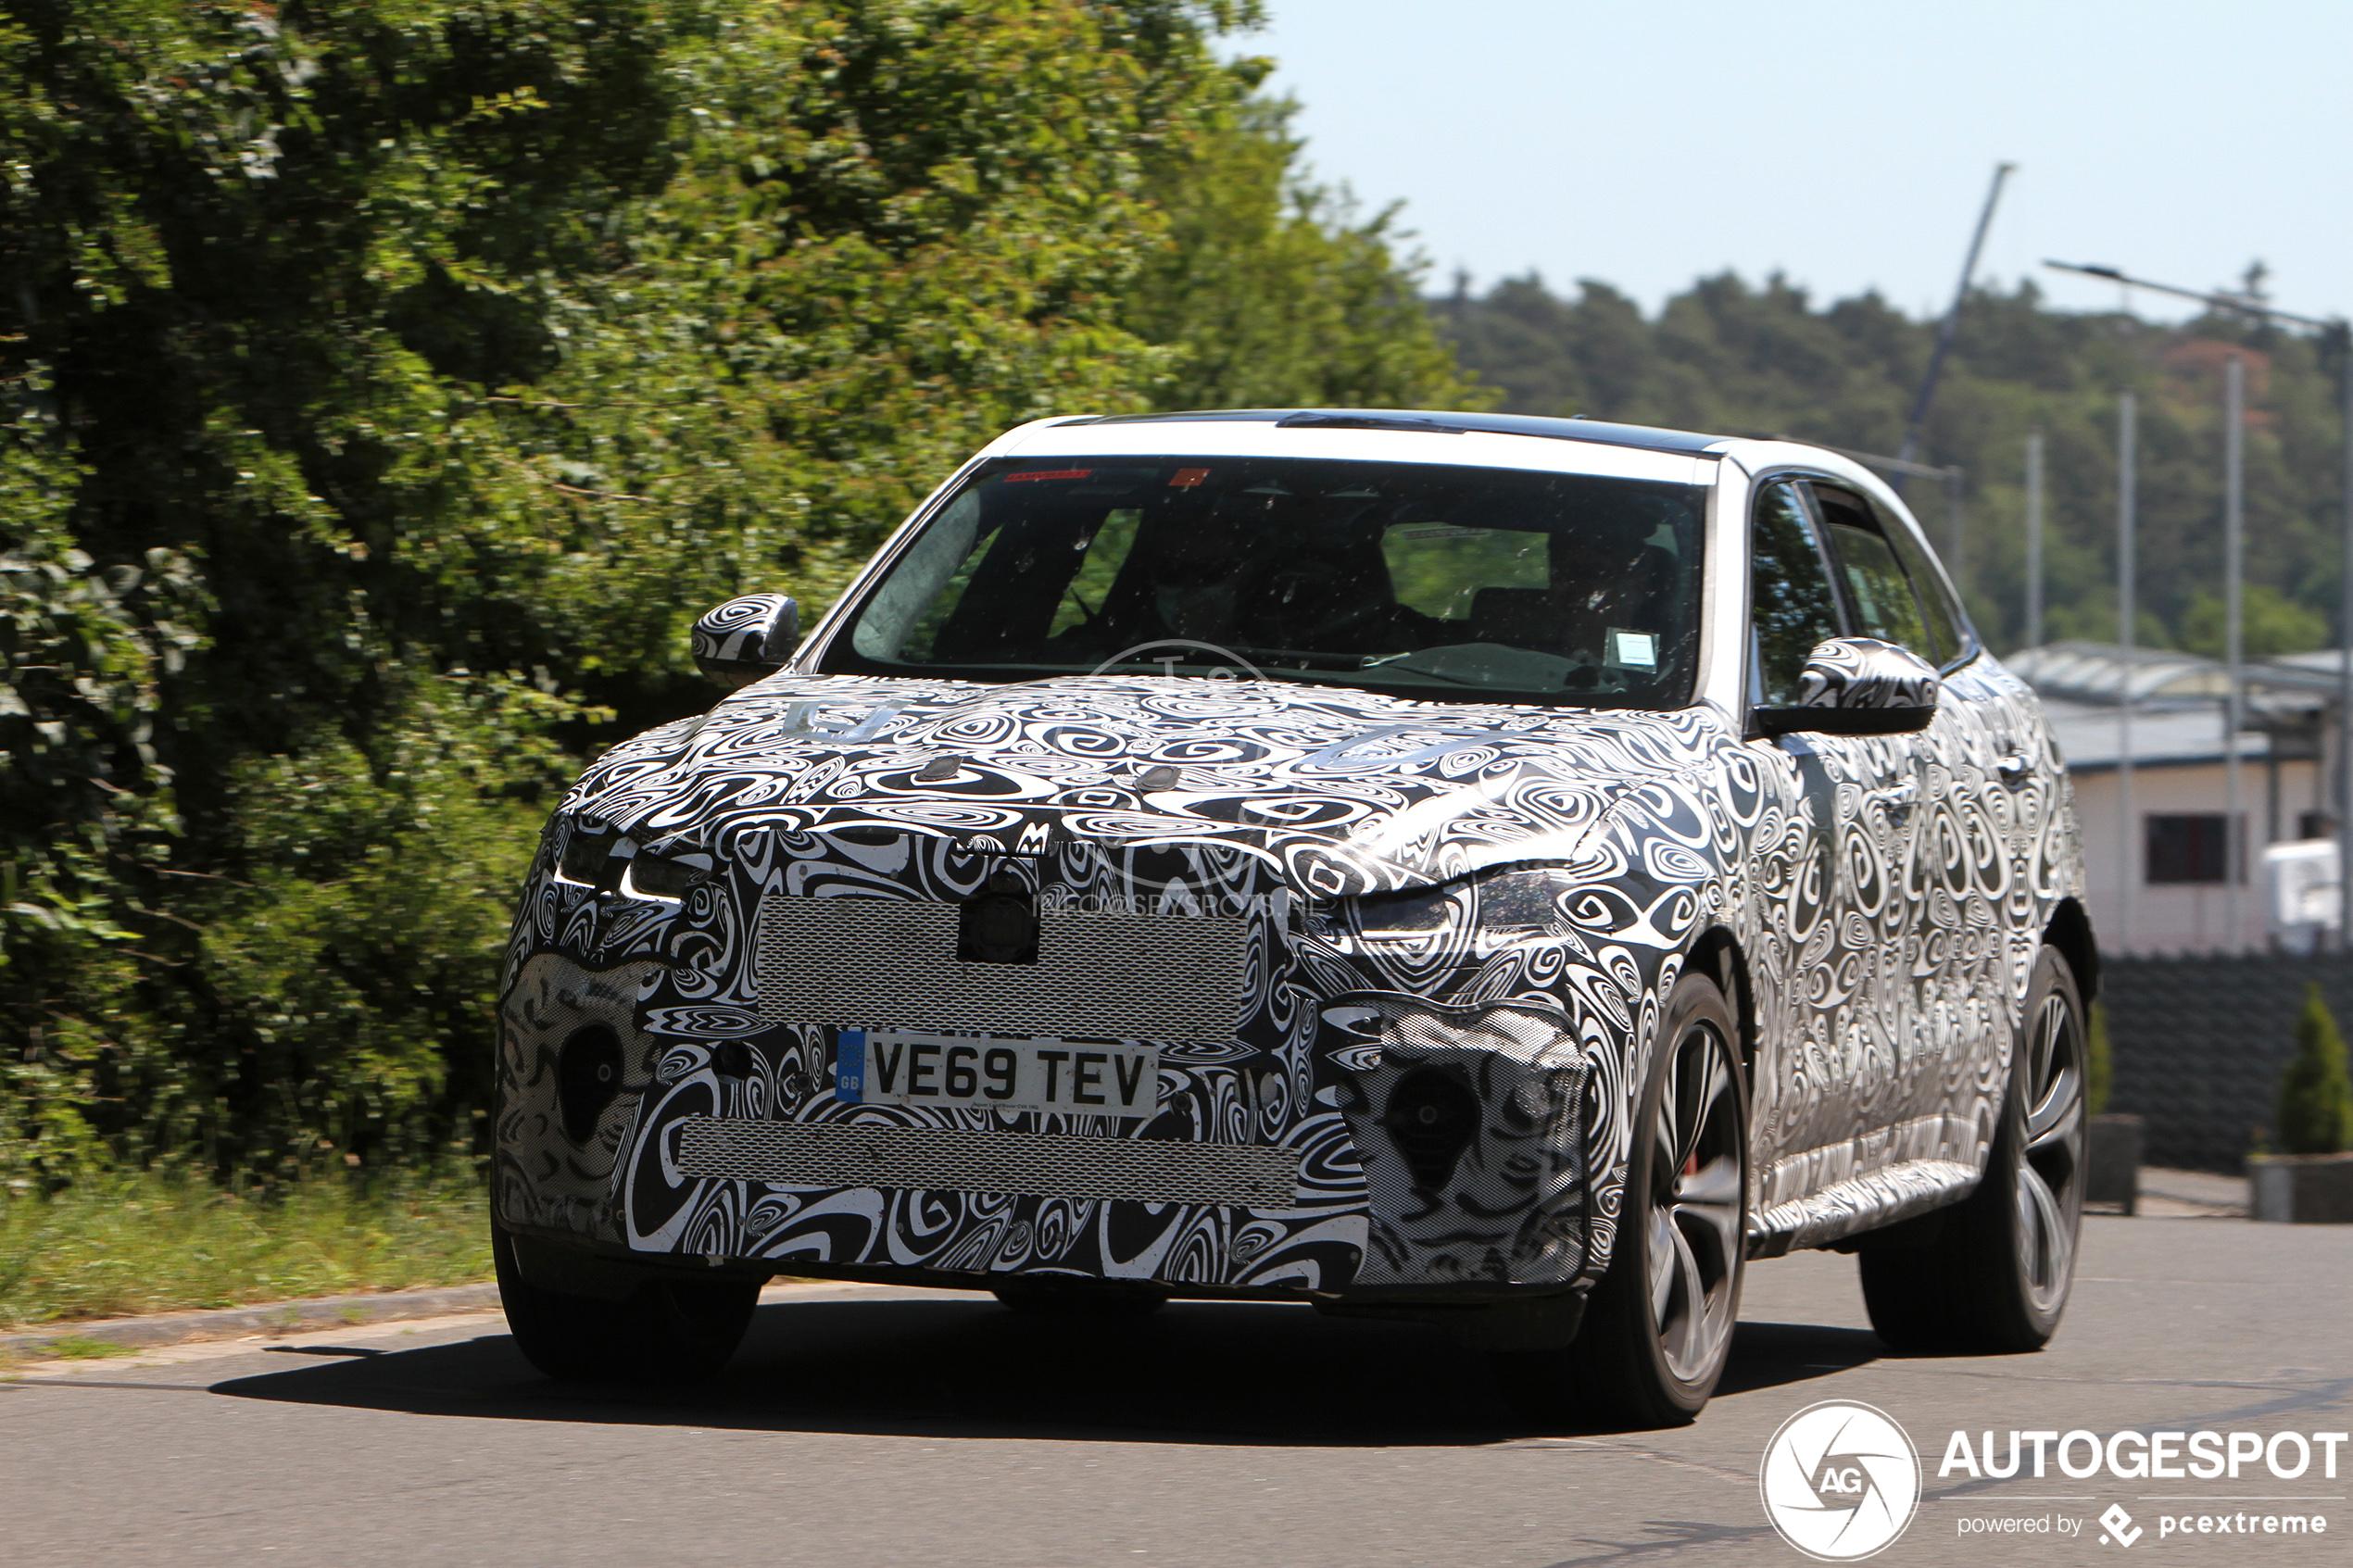 Jaguar F-Pace SVR 2021 - 25 juni 2020 - Autogespot